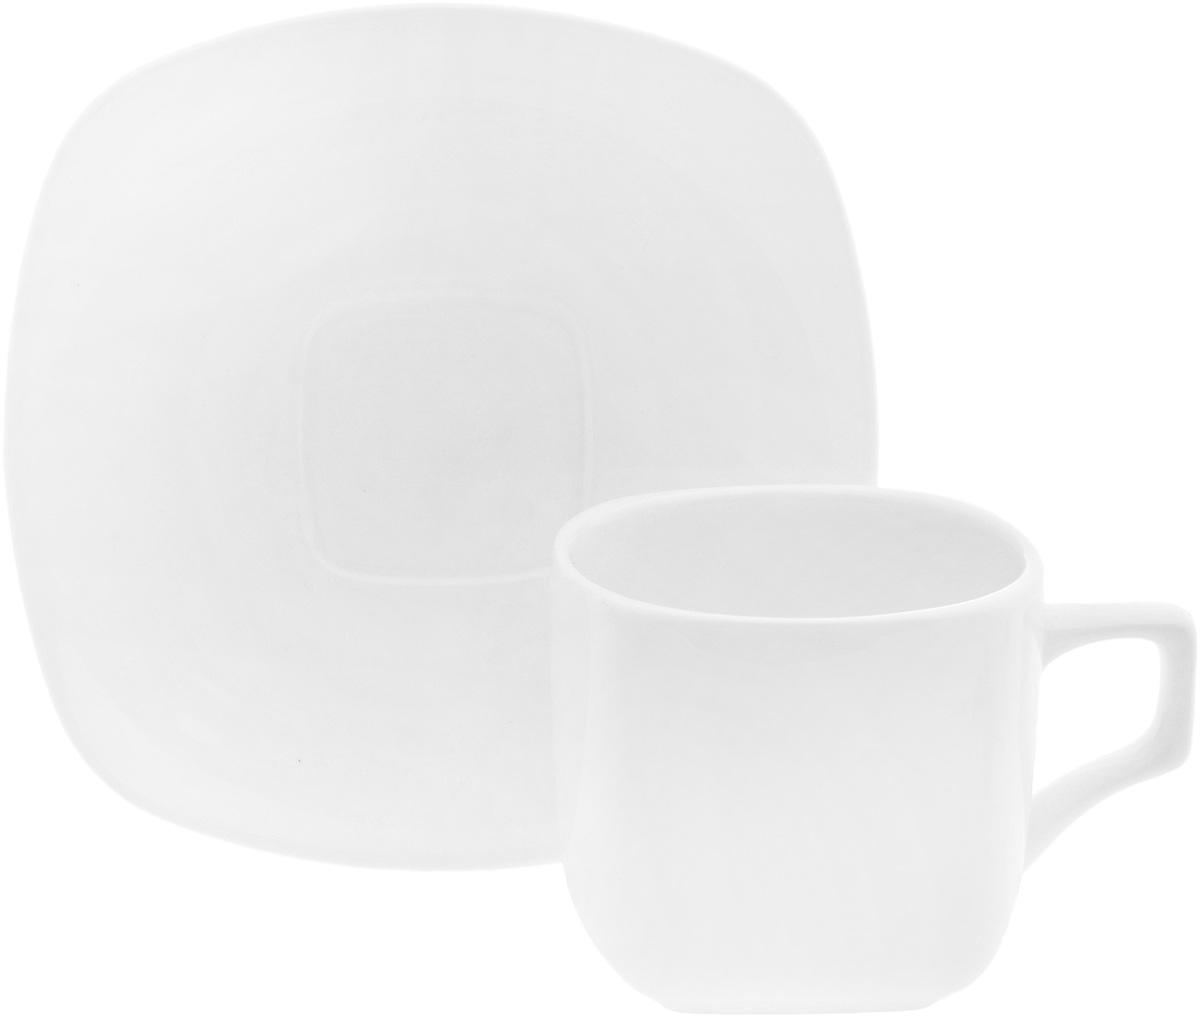 Чайная пара Wilmax, 2 предмета. WL-993003/1CWL-993003/1CЧайная пара Wilmax состоит из чашки и блюдца. Изделия выполнены из высококачественного фарфора и имеют необычную форму. Оригинальный дизайн, несомненно, придется вам по вкусу. Чайная пара Wilmax украсит ваш кухонный стол, а также станет замечательным подарком к любому празднику.Объем чашки: 200 мл.Размер чашки (по верхнему краю): 7,5 х 7,5 см.Высота чашки: 6,5 см.Размер блюдца: 14,5х 14,5 см.Высота блюдца: 2 см.